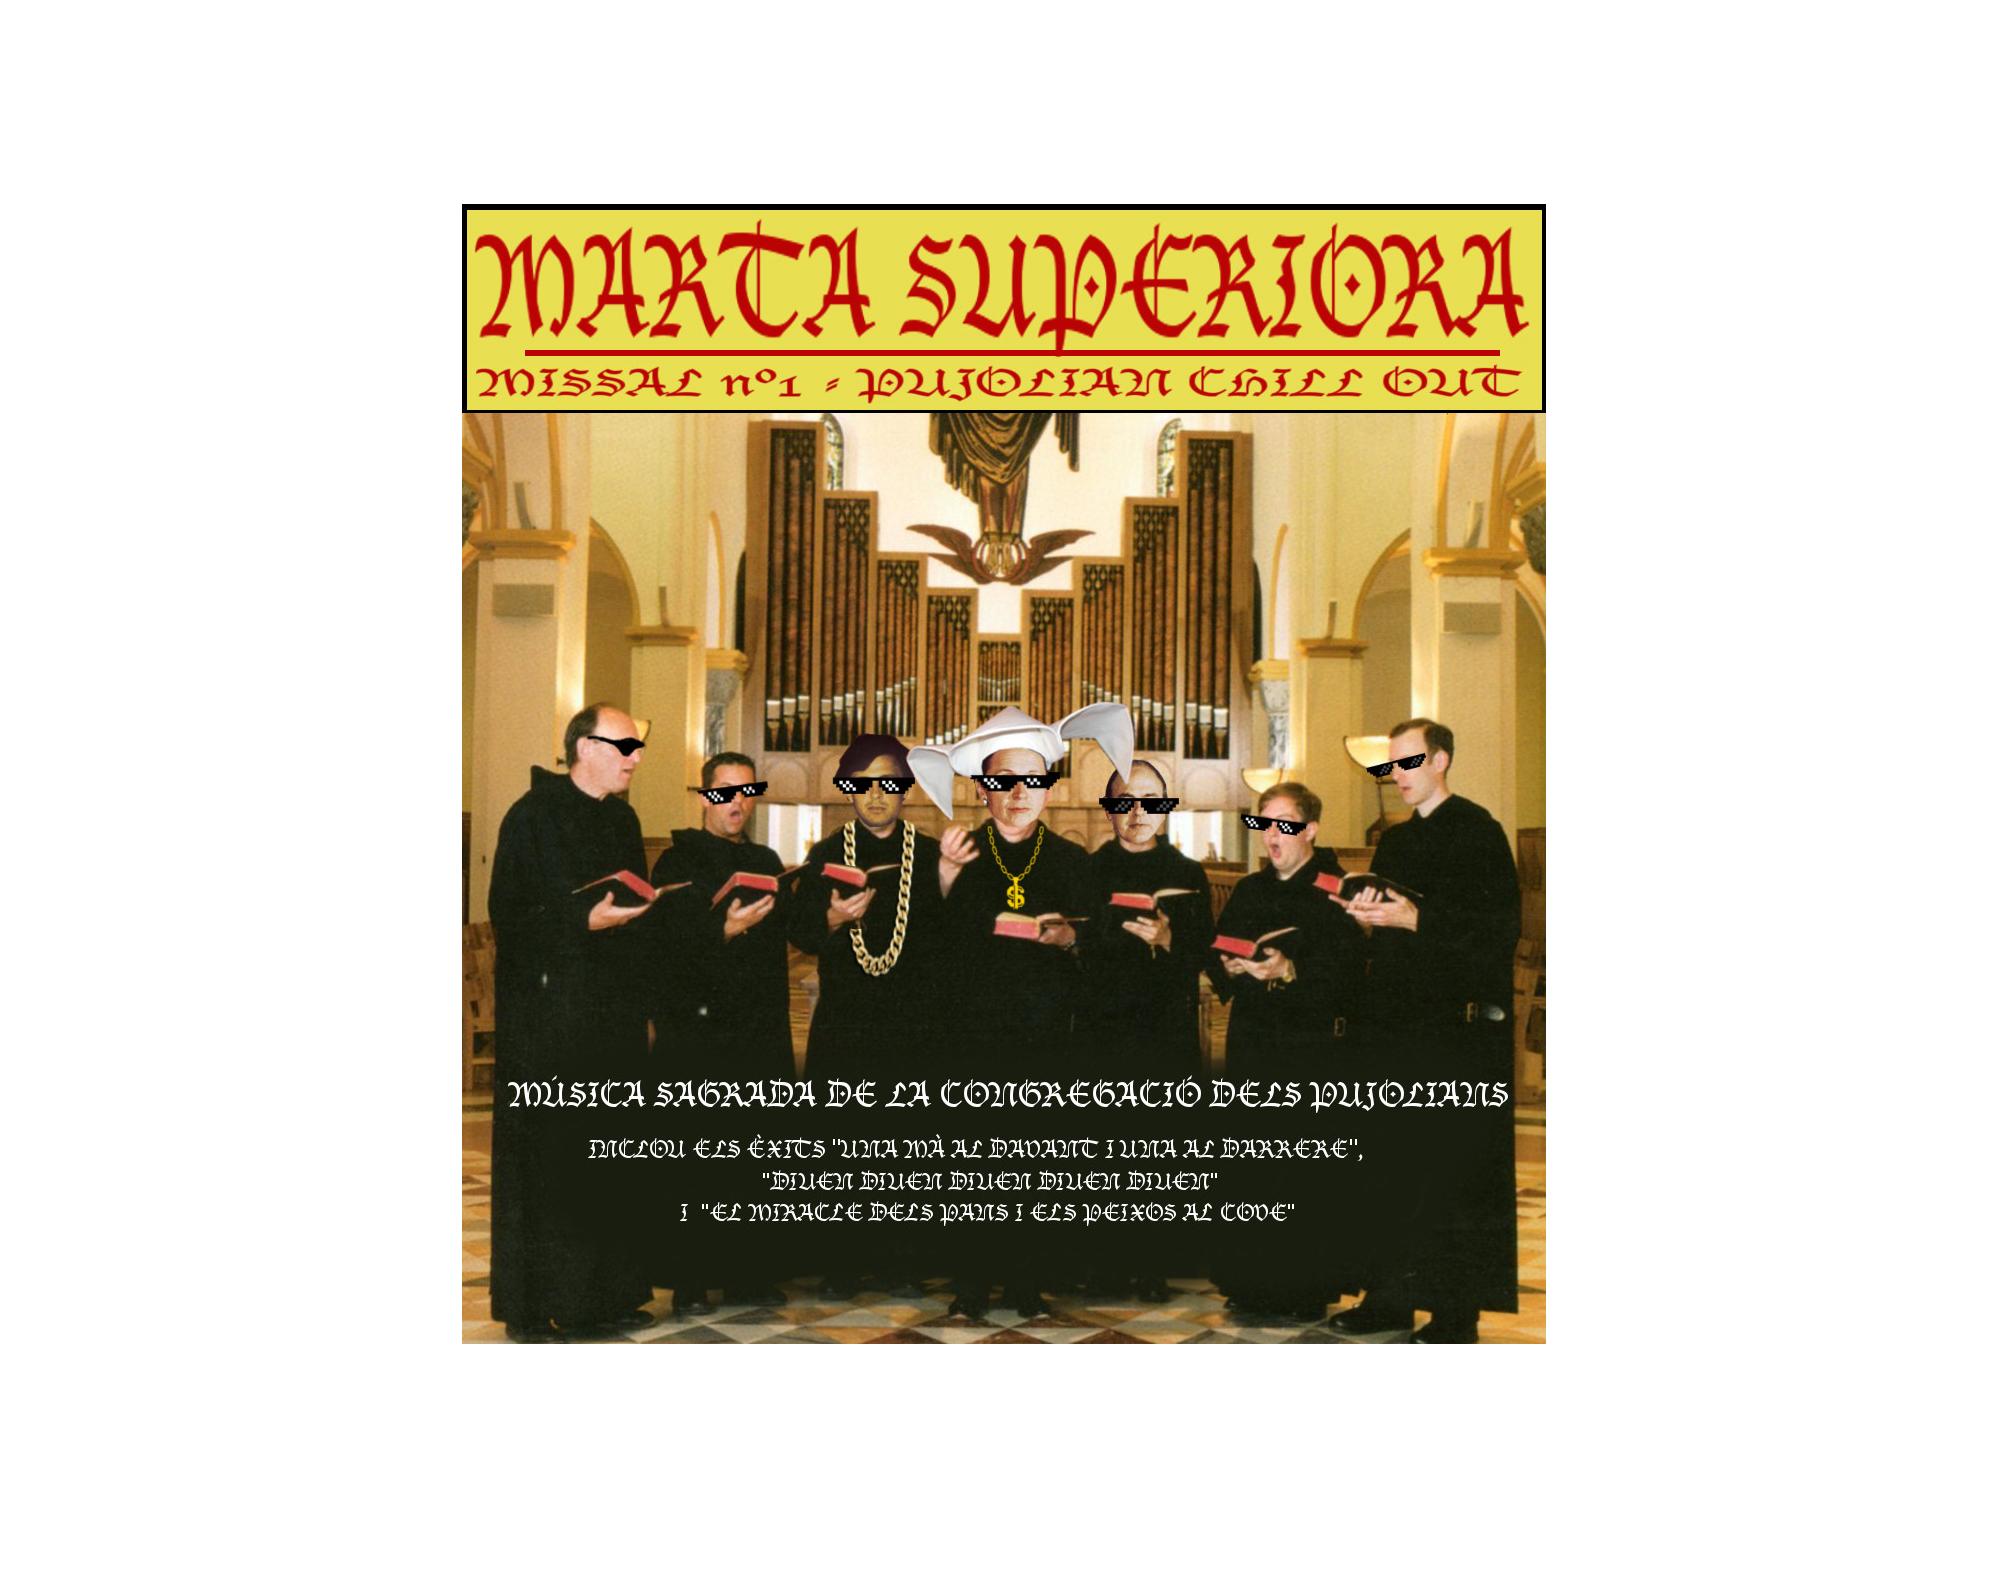 MARTA SUPERIORA